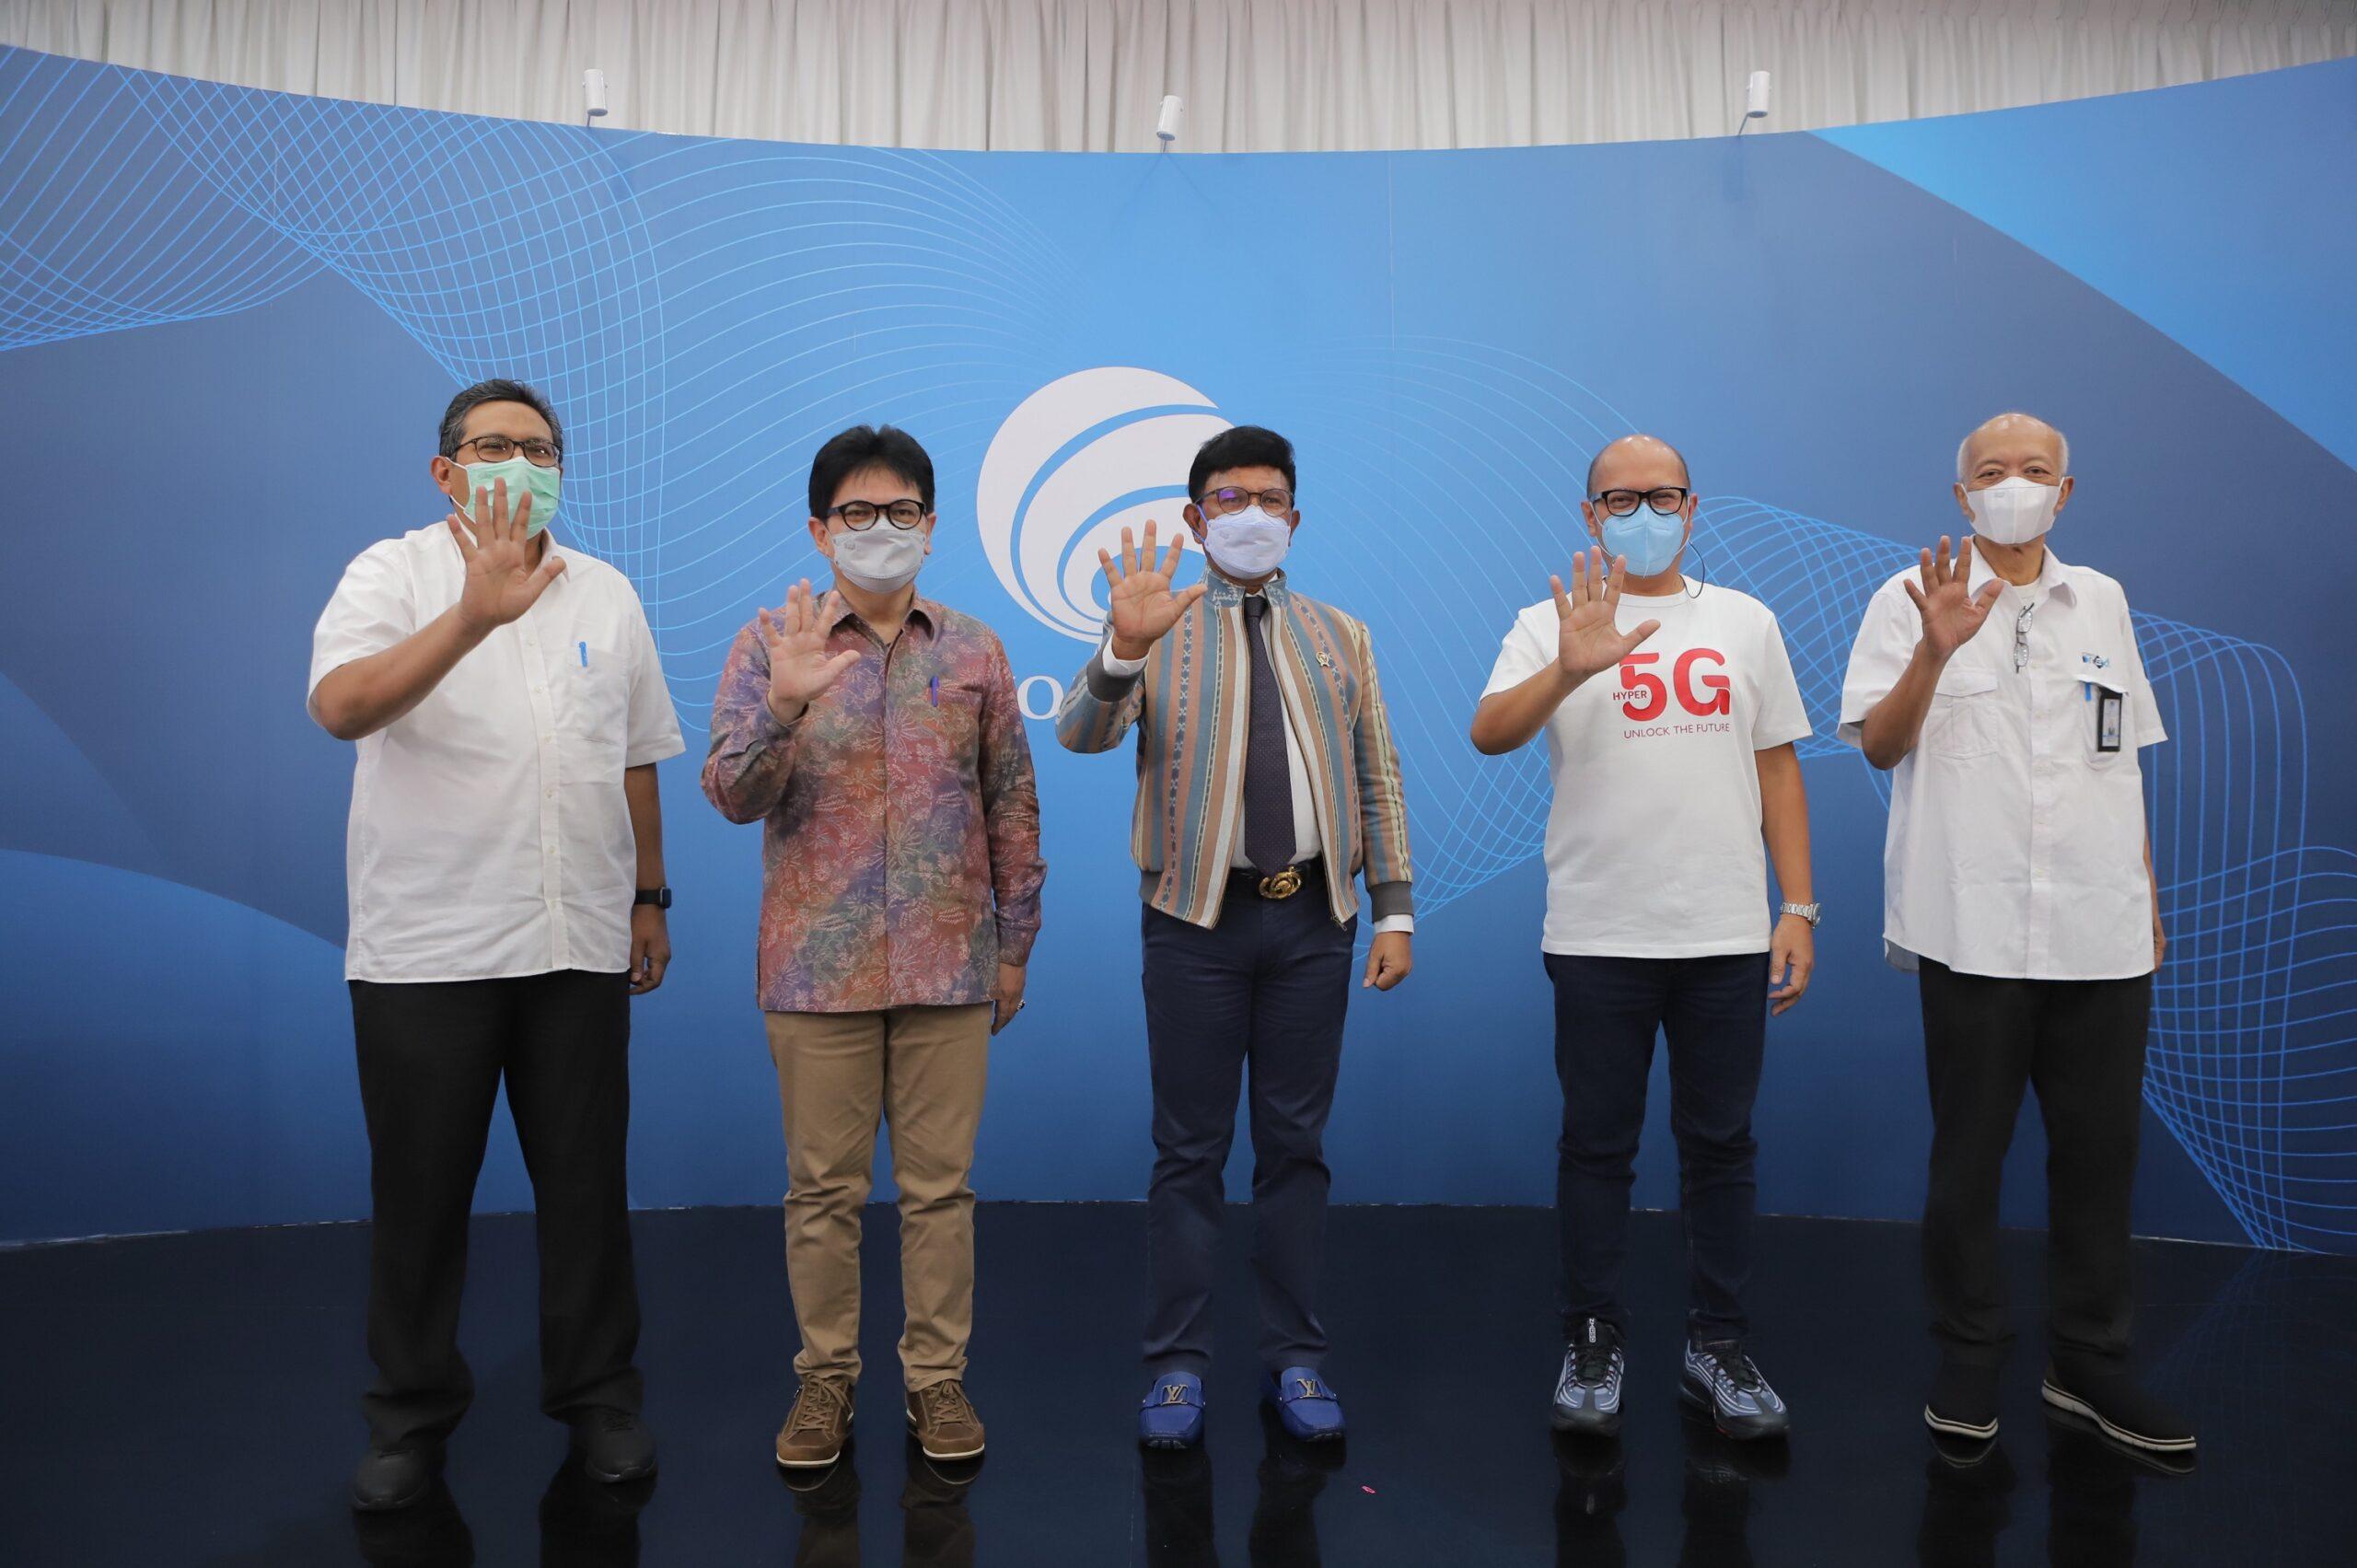 Foto batam hari ini, indonesia, Jaringan 5G, Jaringan 5G di Indonesia, Jaringan 5G telkomsel, kabar batam hari ini, layanan 5g, operator selular pertama, Telkomsel Operator Seluler